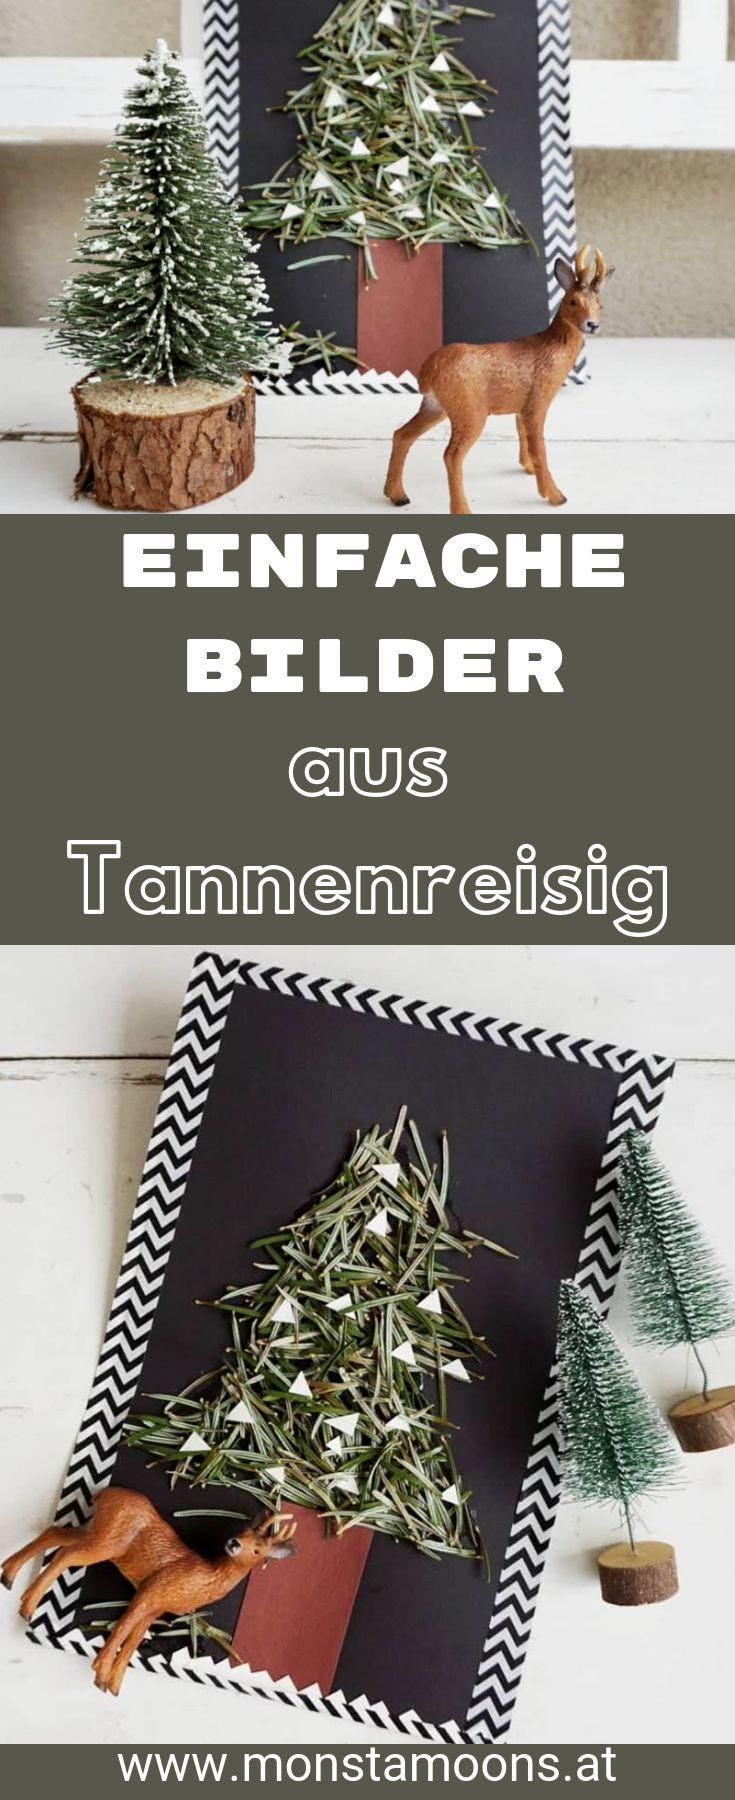 Bastelideen Tannenbaum.Bilder Mit Tannenreisig Gestalten German Blogger Diy